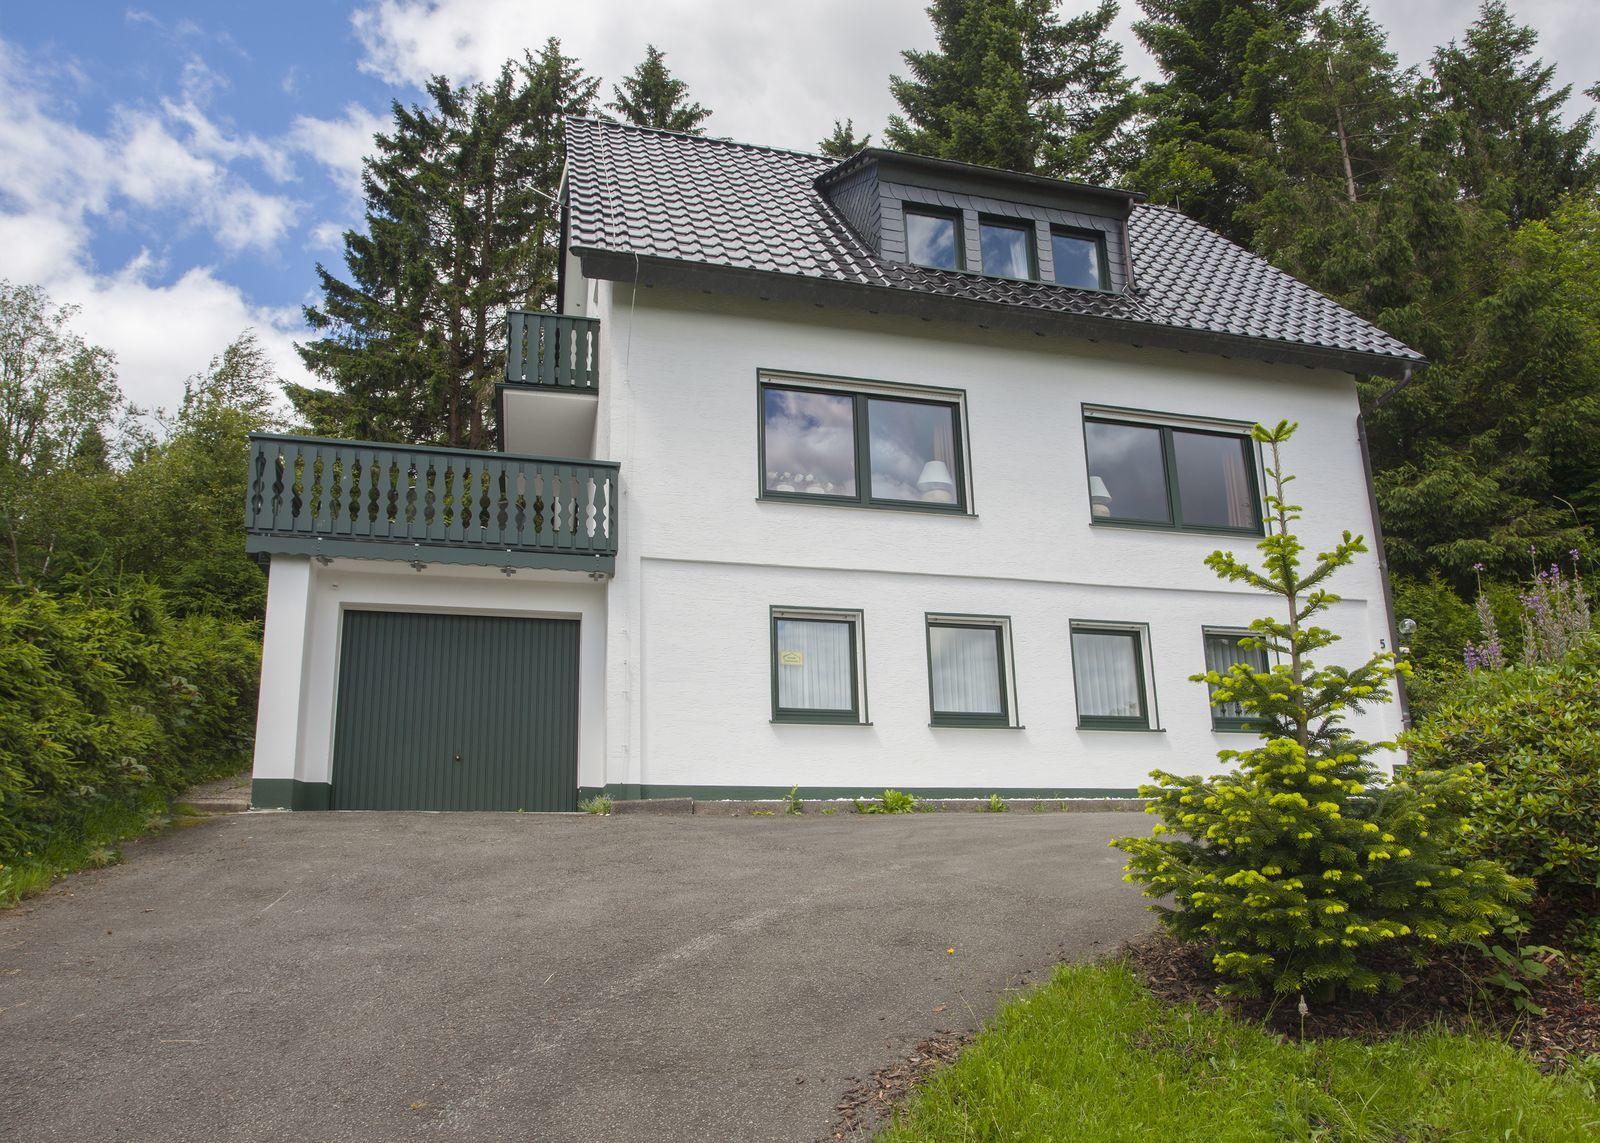 Landhaus Sonne Winterberg - Astenweg 5-S